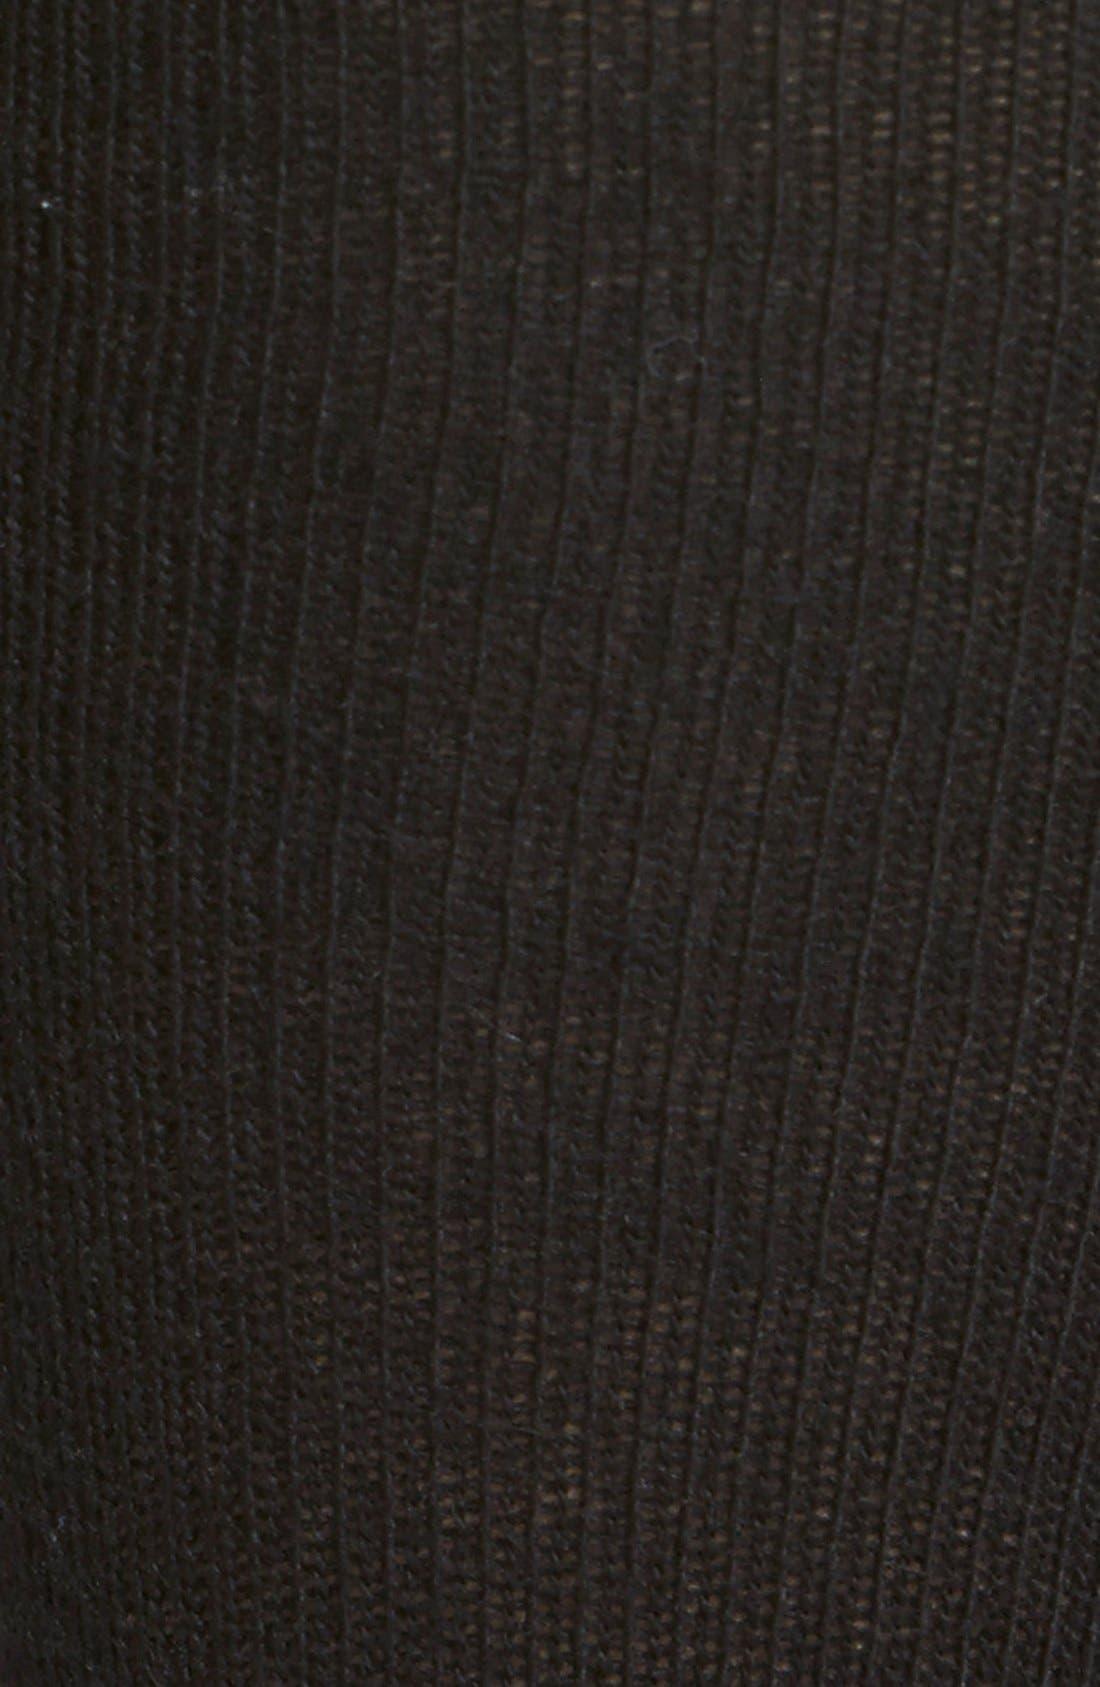 Alternate Image 2  - Nordstrom Knee High Socks